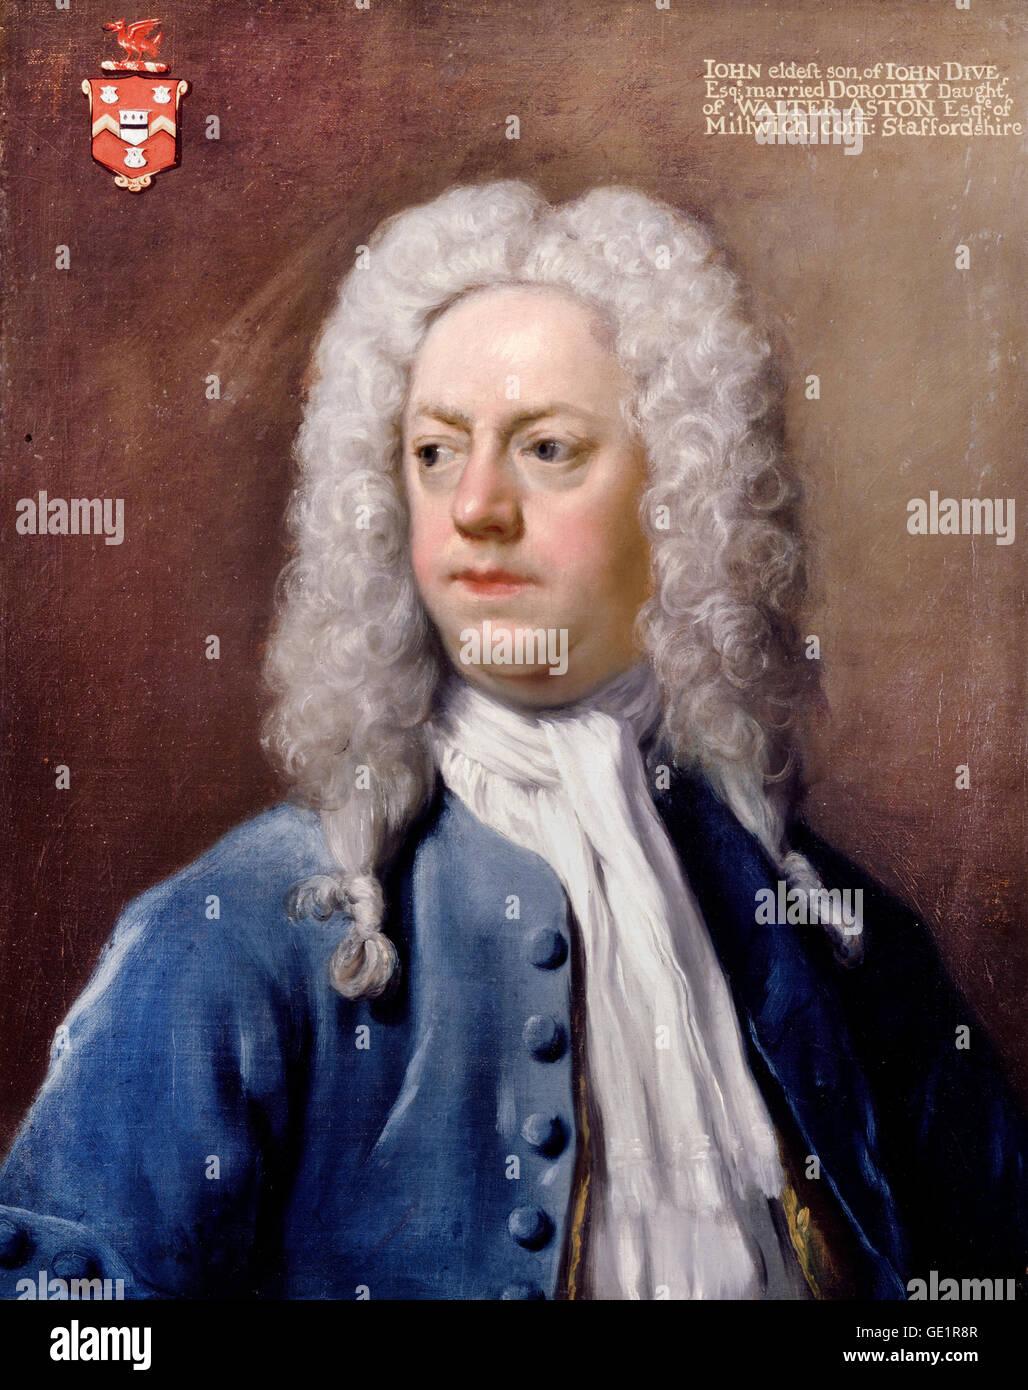 Hans Hysing, John Dive. Circa 1730. Olio su tela. Dulwich Picture Gallery di Londra, Inghilterra. Immagini Stock